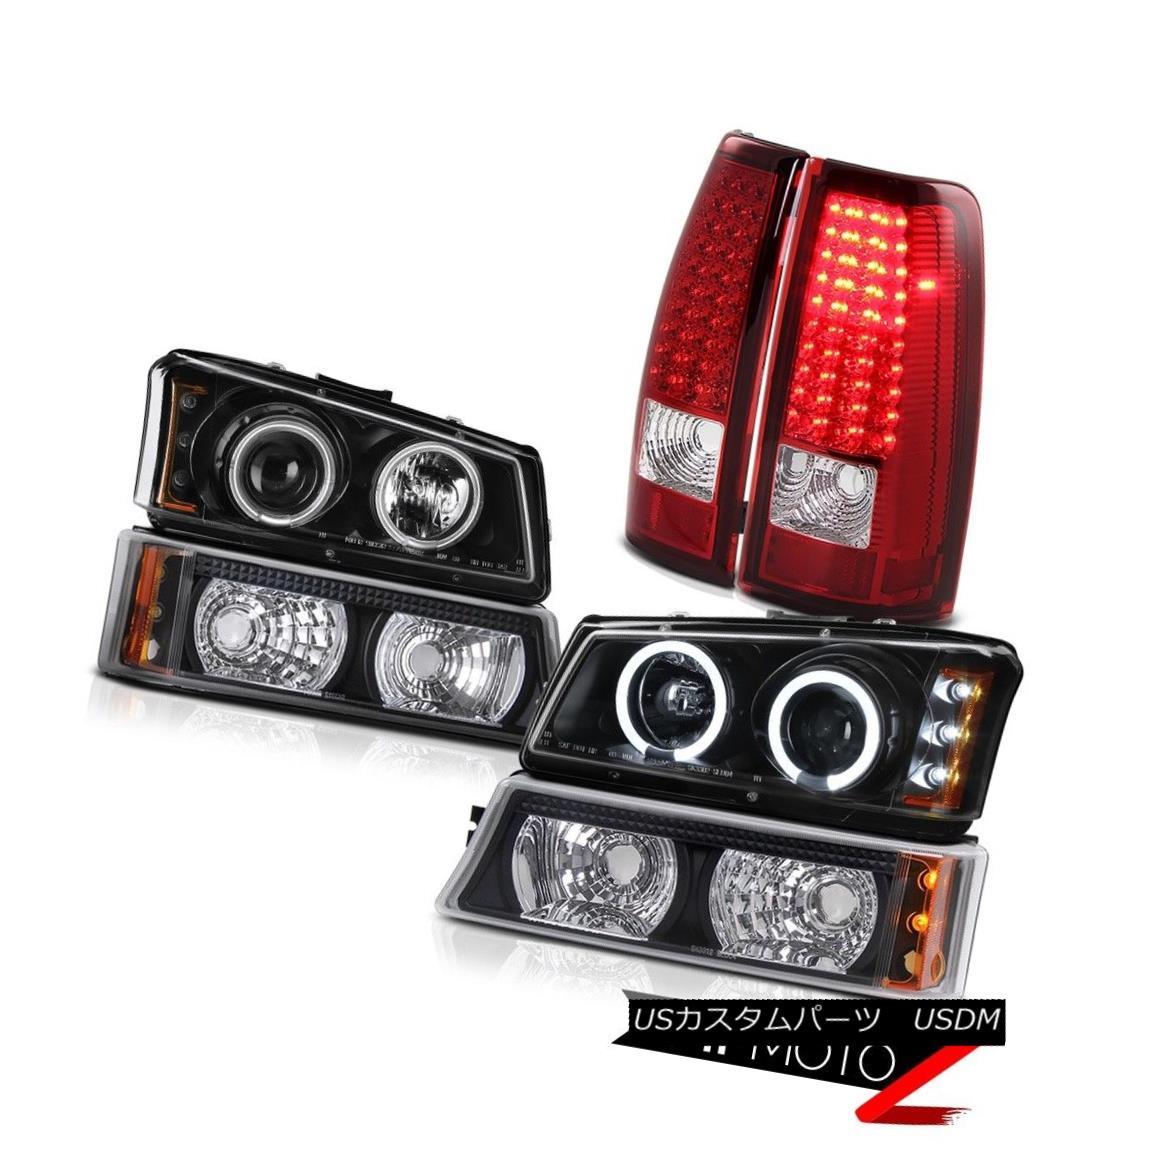 テールライト 2X Black CCFL Projector Headlight Bright LED Tail Light 2003-2006 Silverado 5.3L 2X黒CCFLプロジェクターヘッドライト明るいLEDテールライト2003-2006シルバラード5.3L